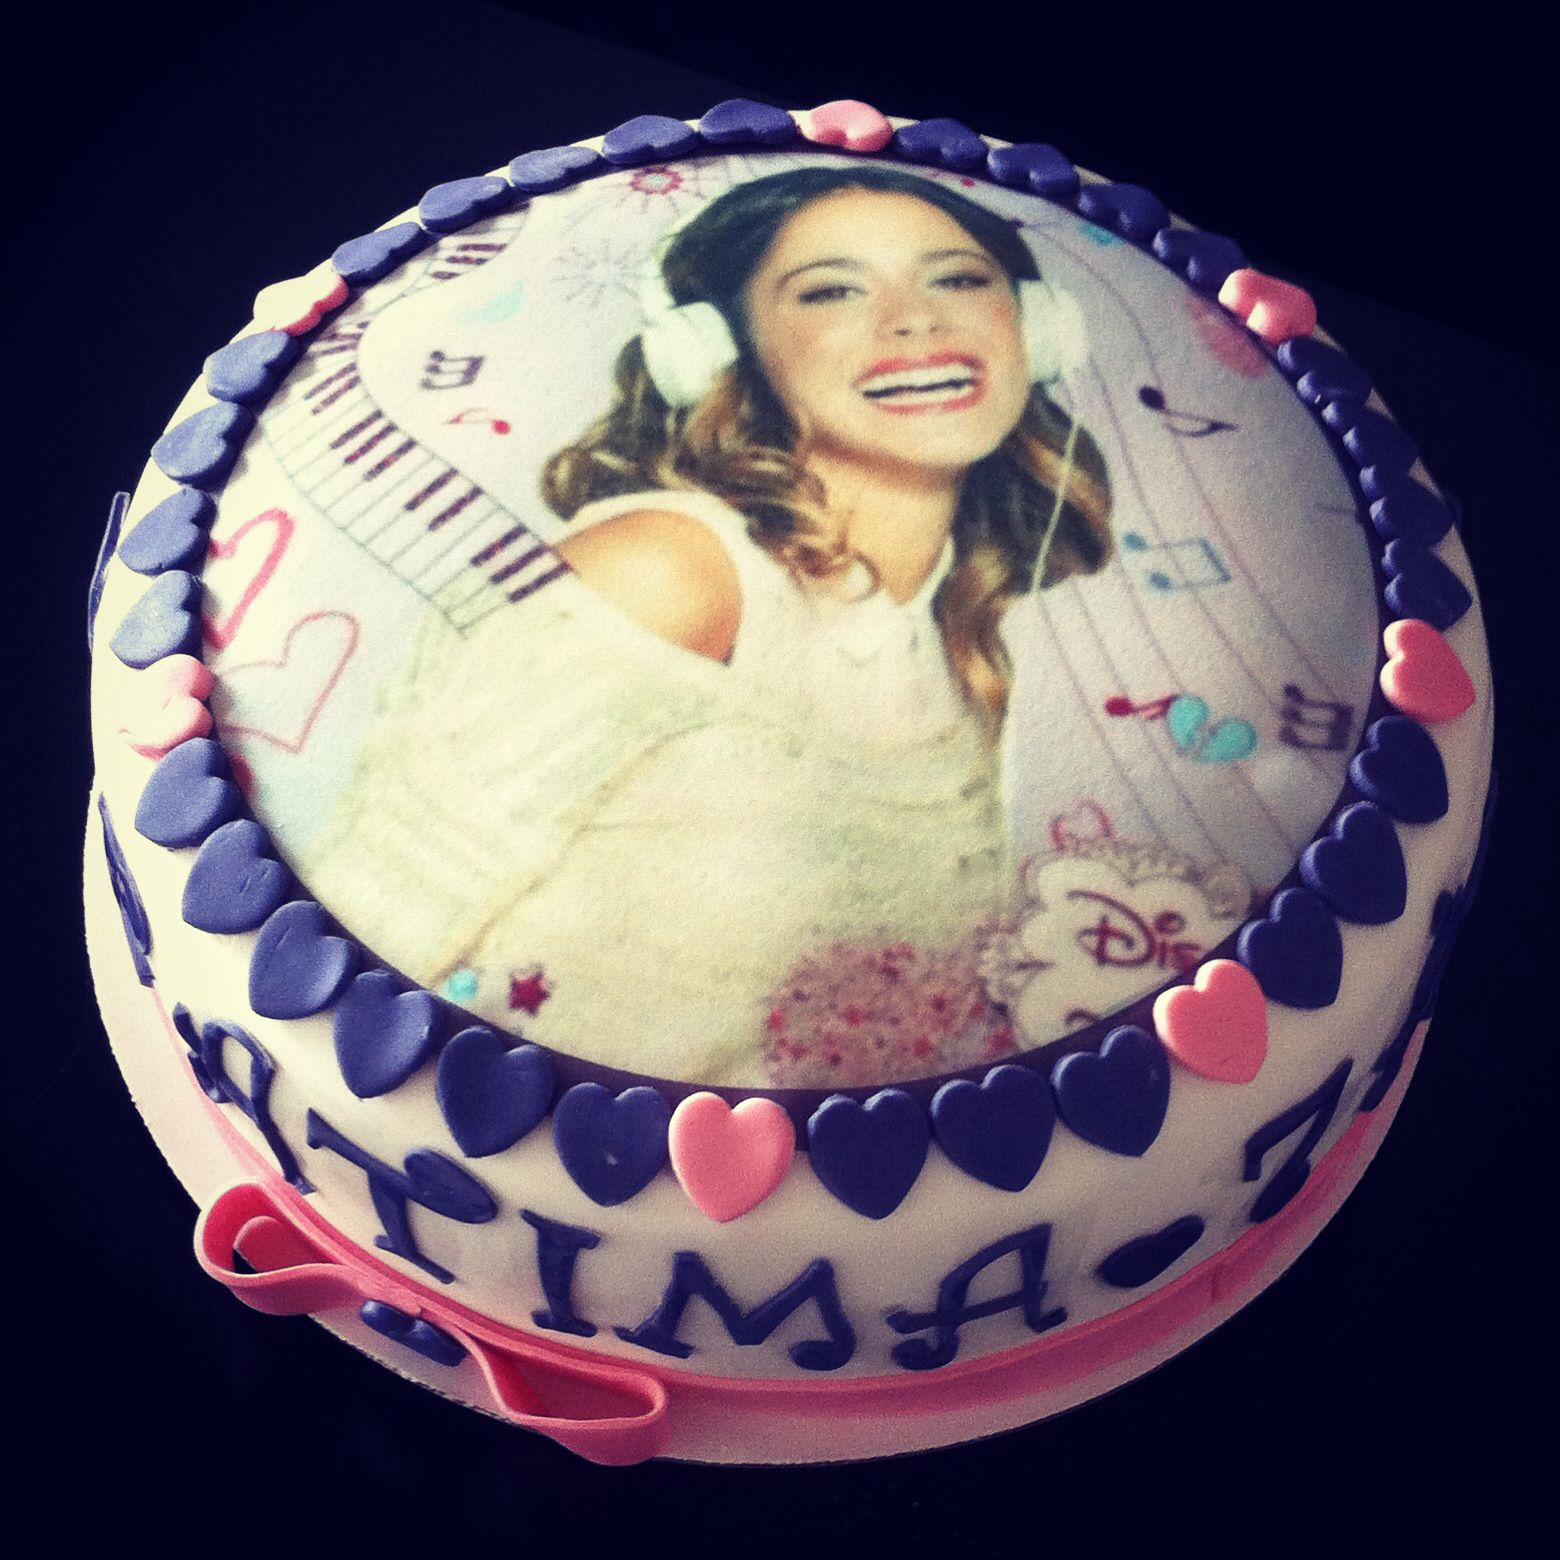 Violetta birthday cake